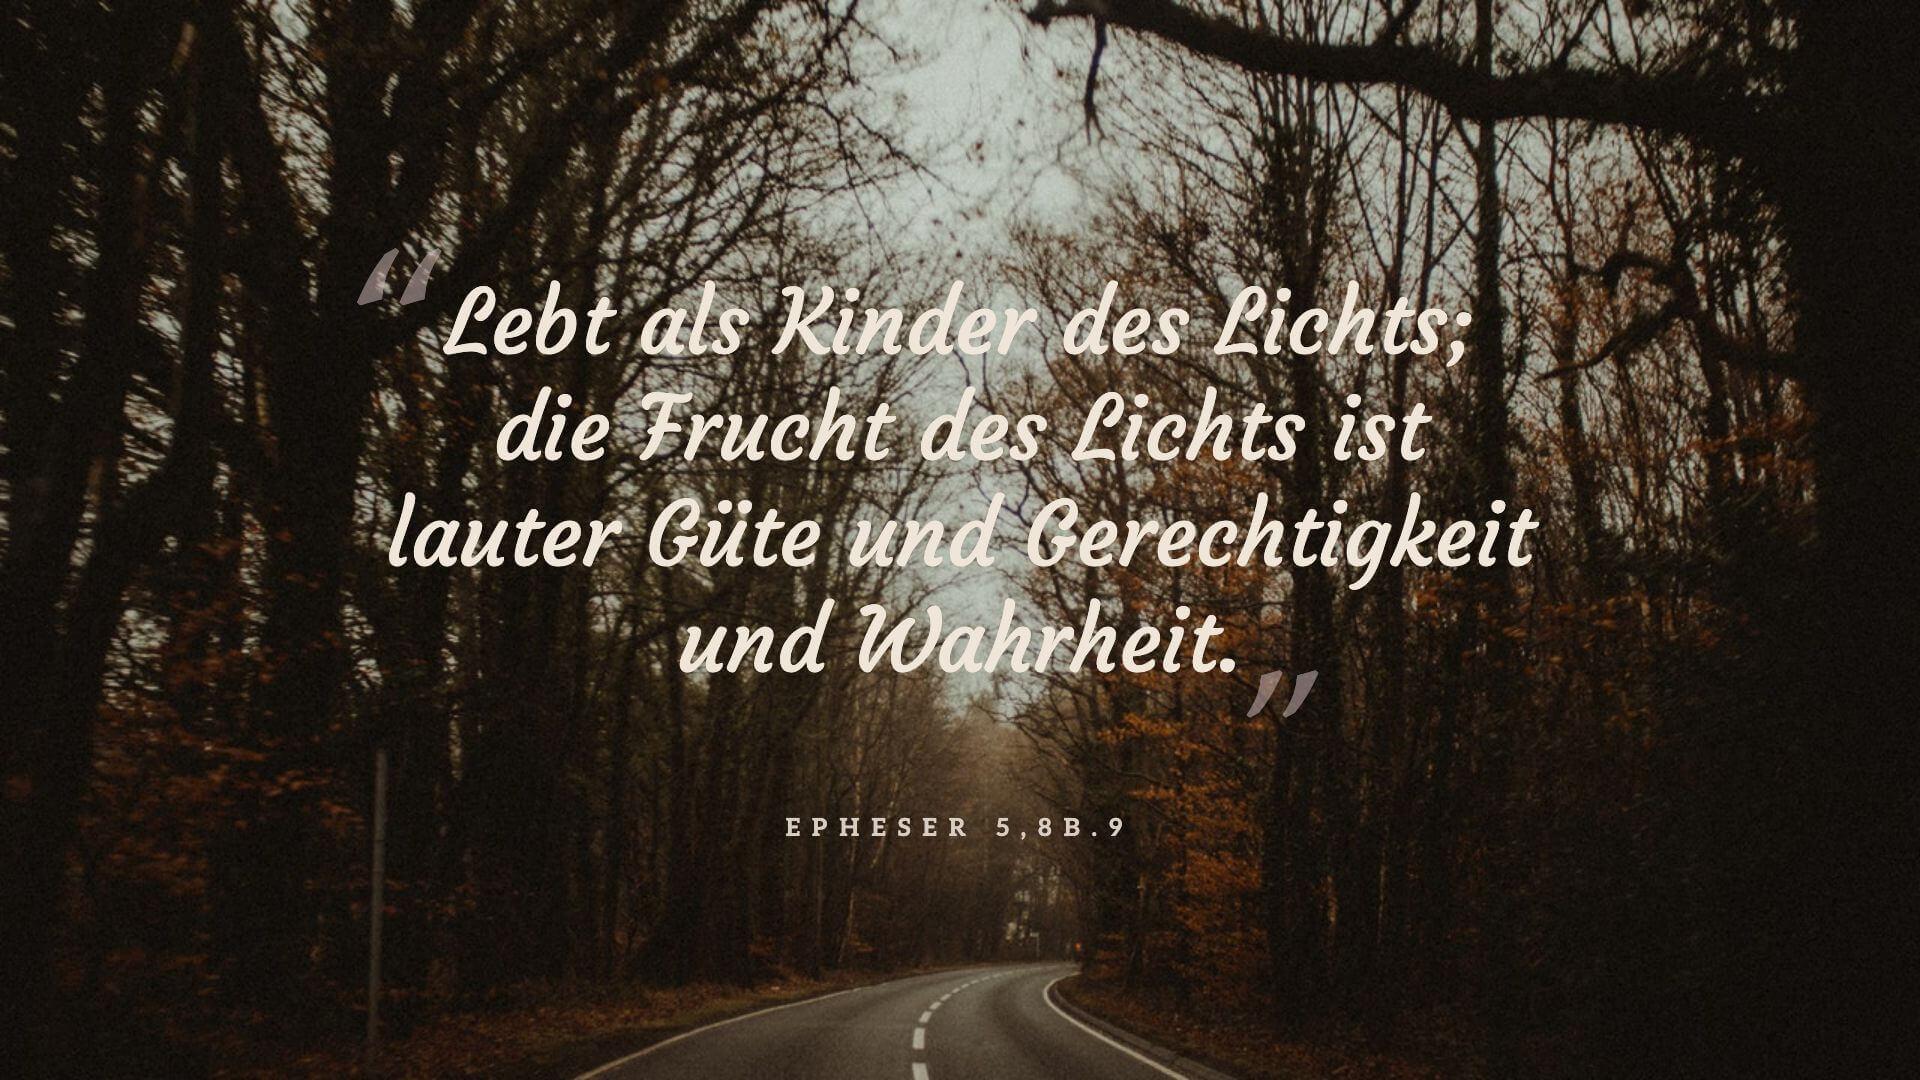 Lebt als Kinder des Lichts; die Frucht des Lichts ist lauter Güte und Gerechtigkeit und Wahrheit. - Epheser 5,8b.9